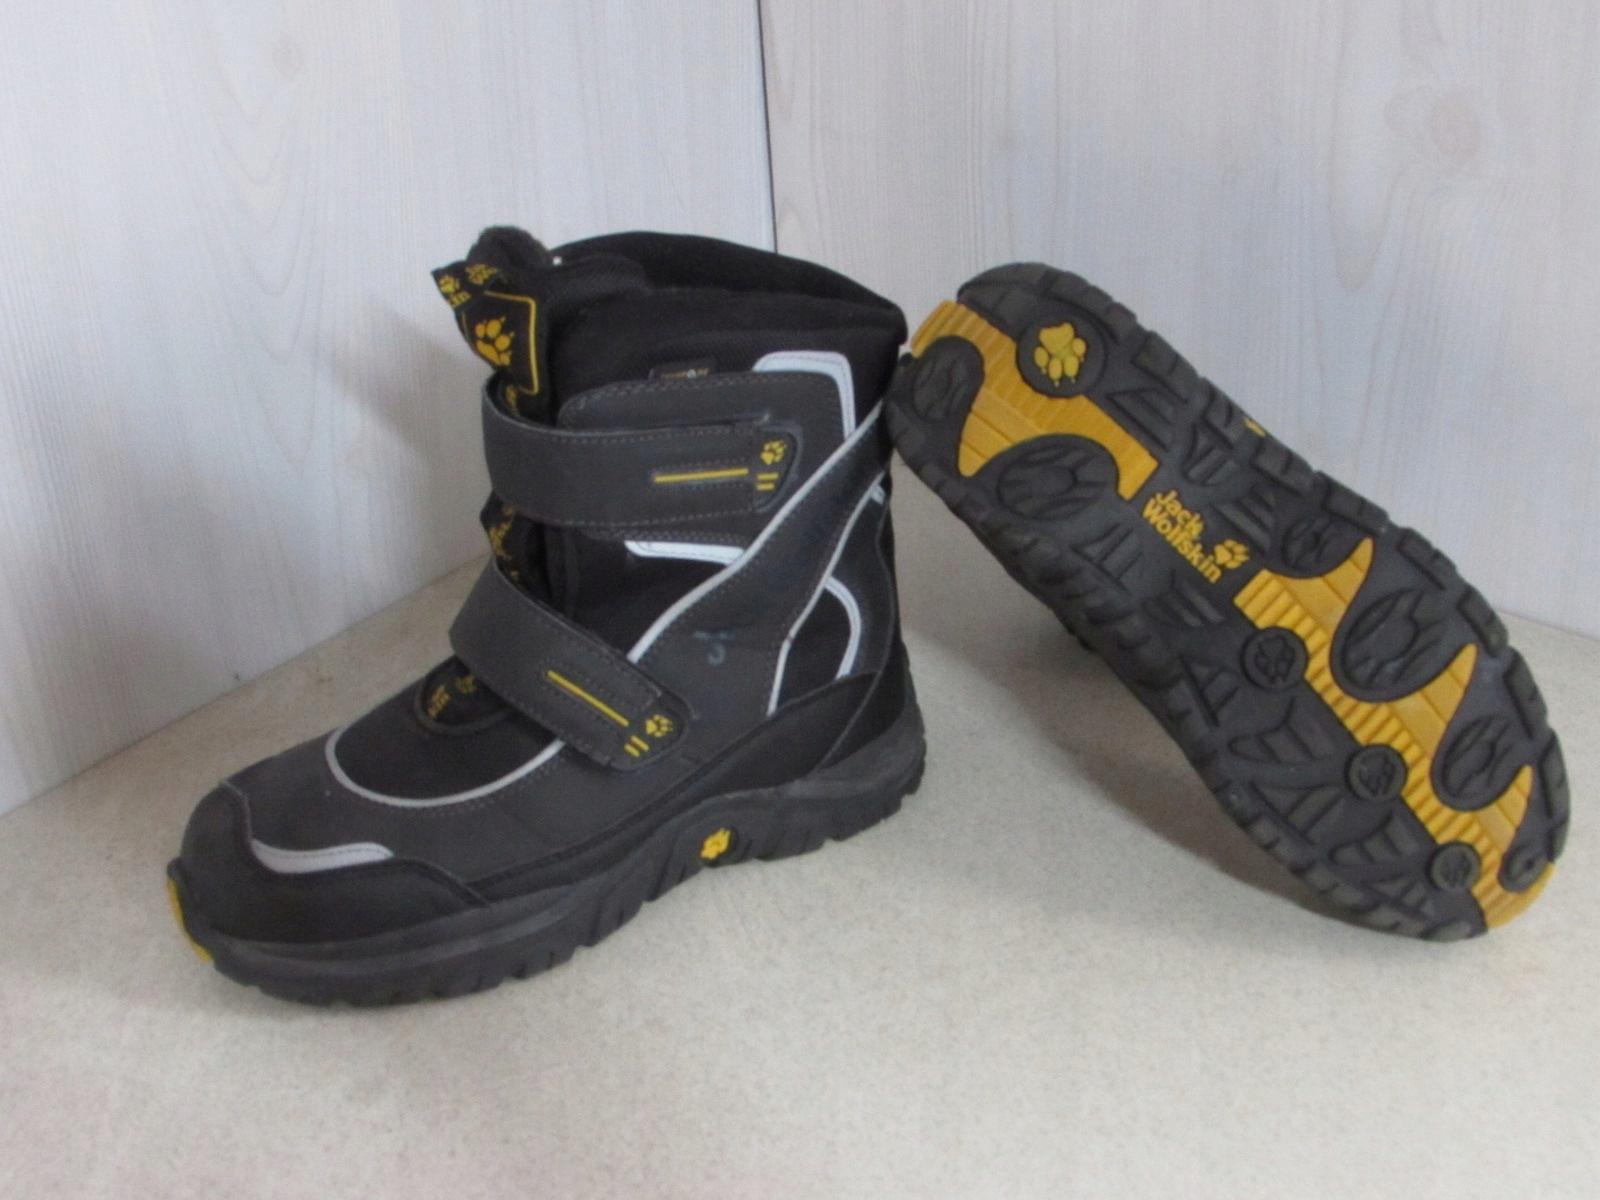 najlepiej tanio dobrze znany nowy design Buty śniegowce Jack Wolfskin Eu .37 - 7596675292 - oficjalne ...